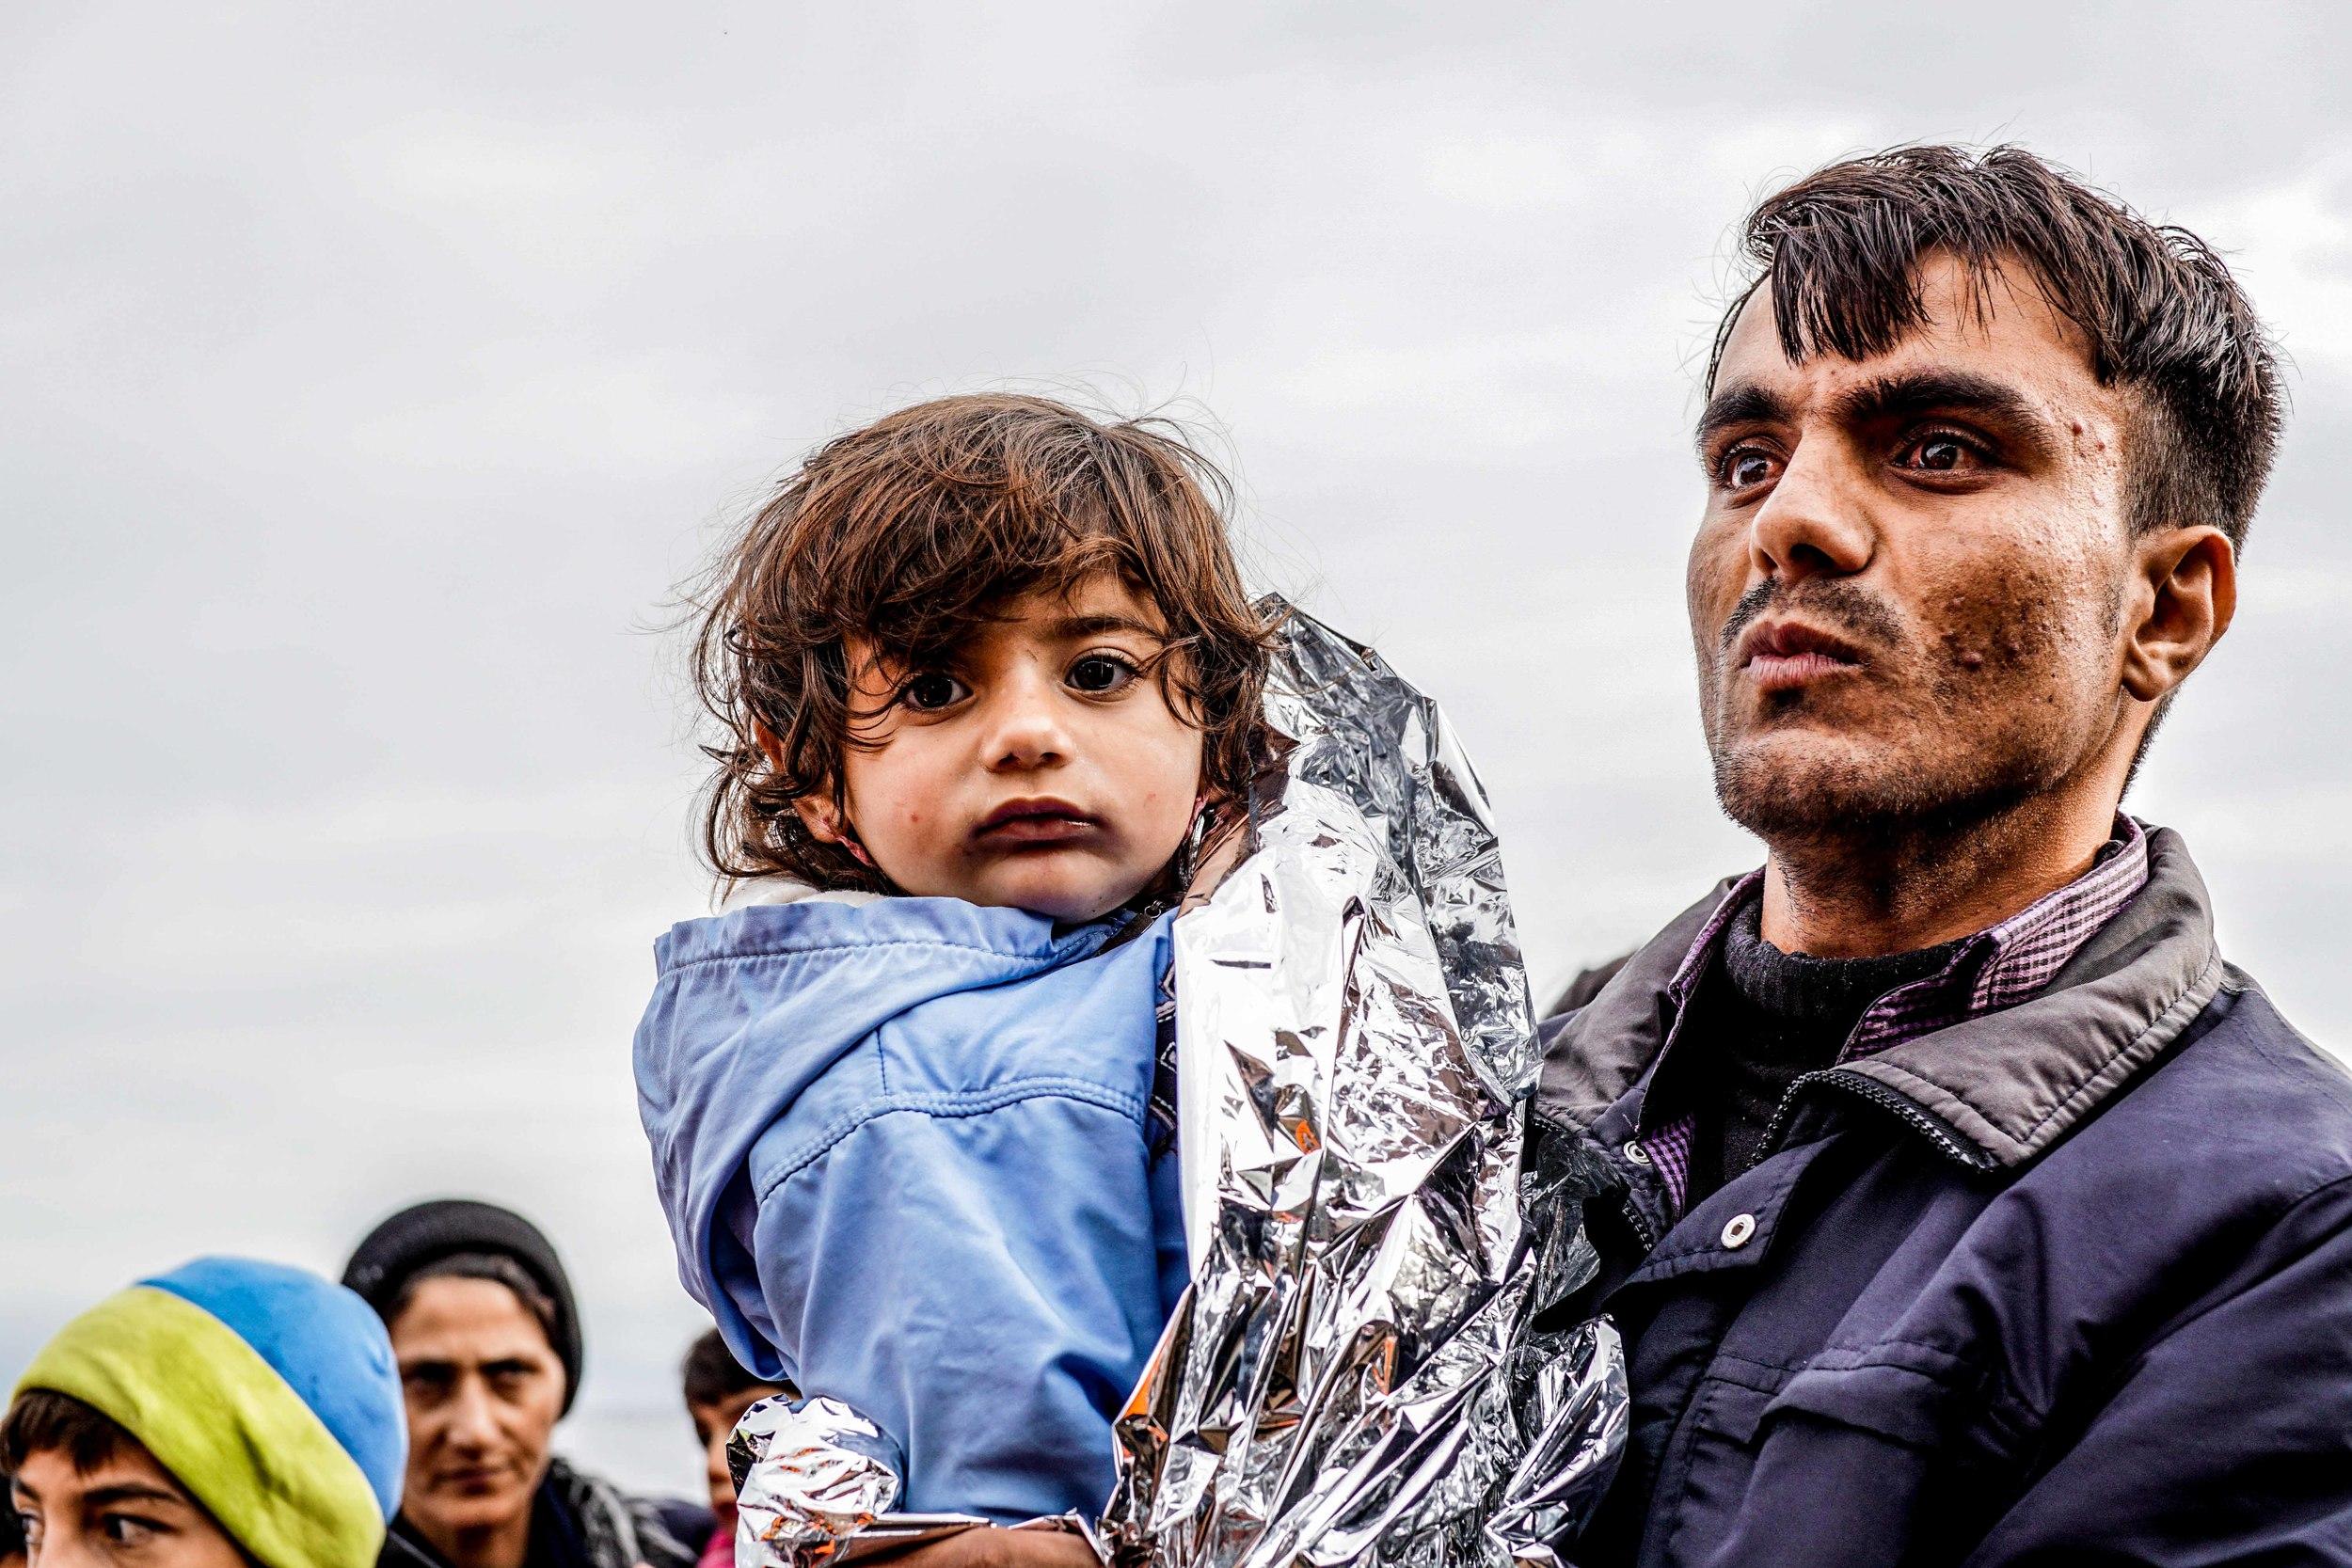 Harrison Bruhn Greek Island of Lesvos Refugee Arrival November 2015 7.jpg